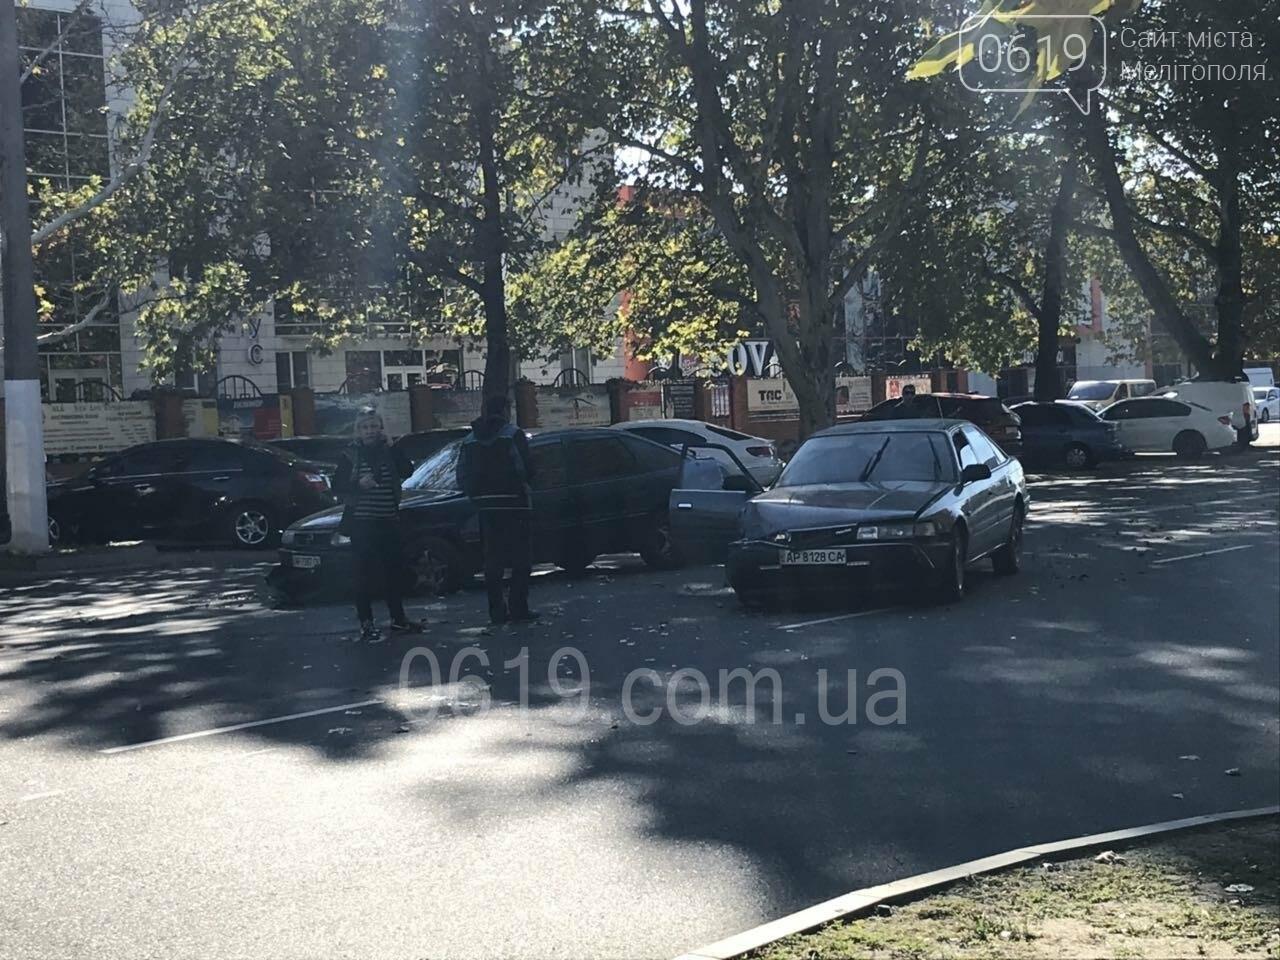 В Мелитополе столкнулись Opel и Mazda, - ФОТО, фото-1